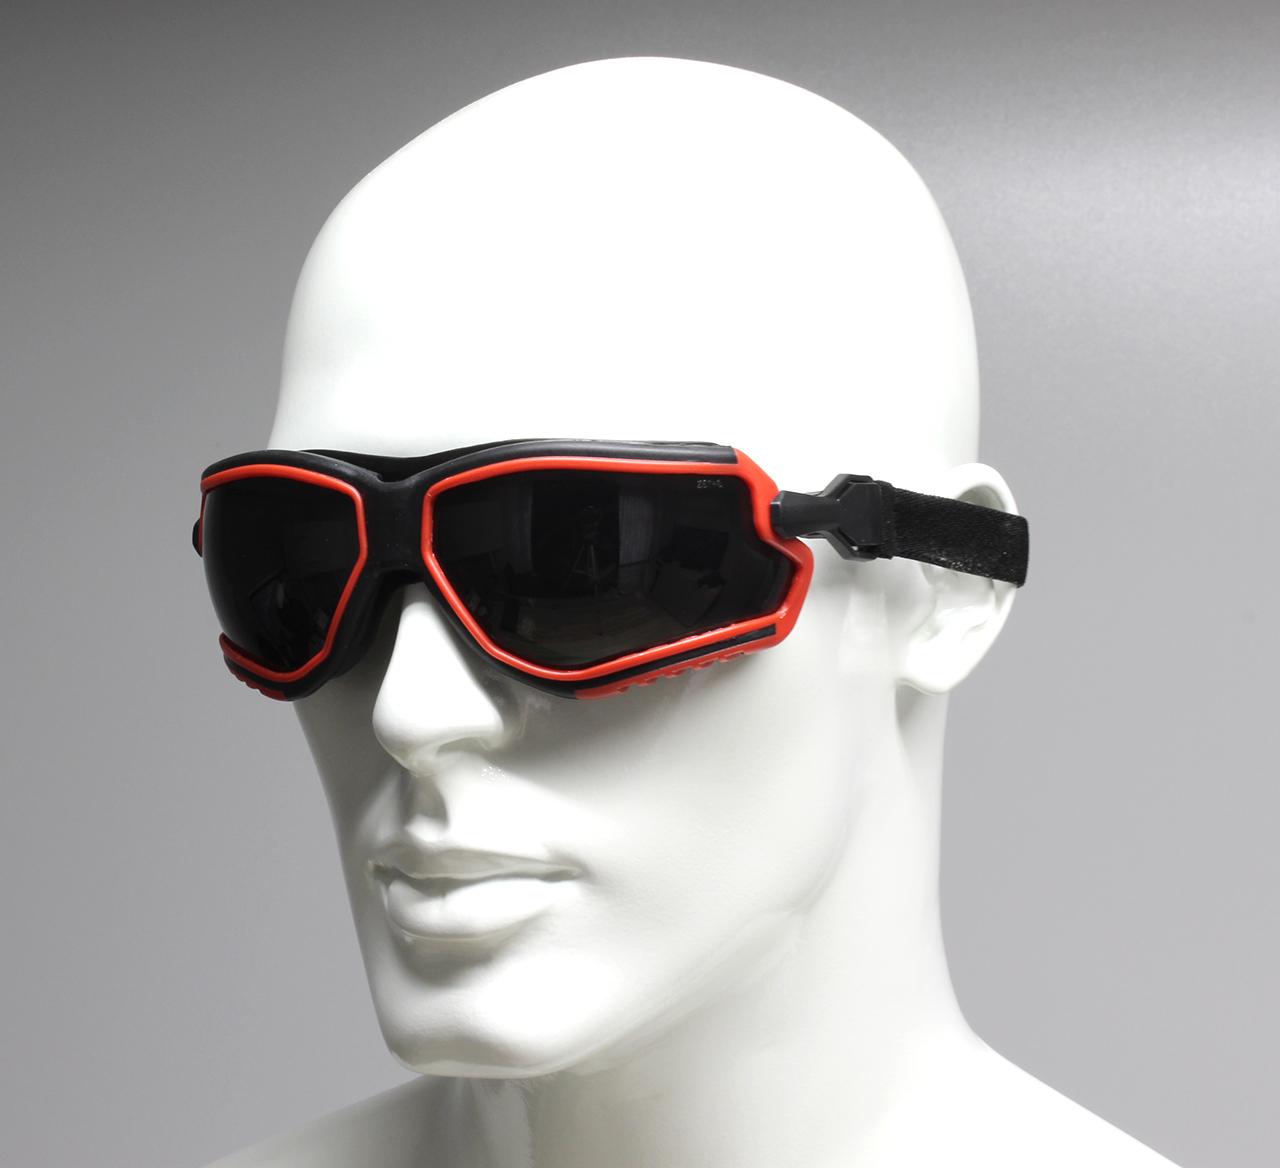 Óculos de Proteção TURBINE lente cinza. Sidebar. ac000282-extra-1 d82599edaf